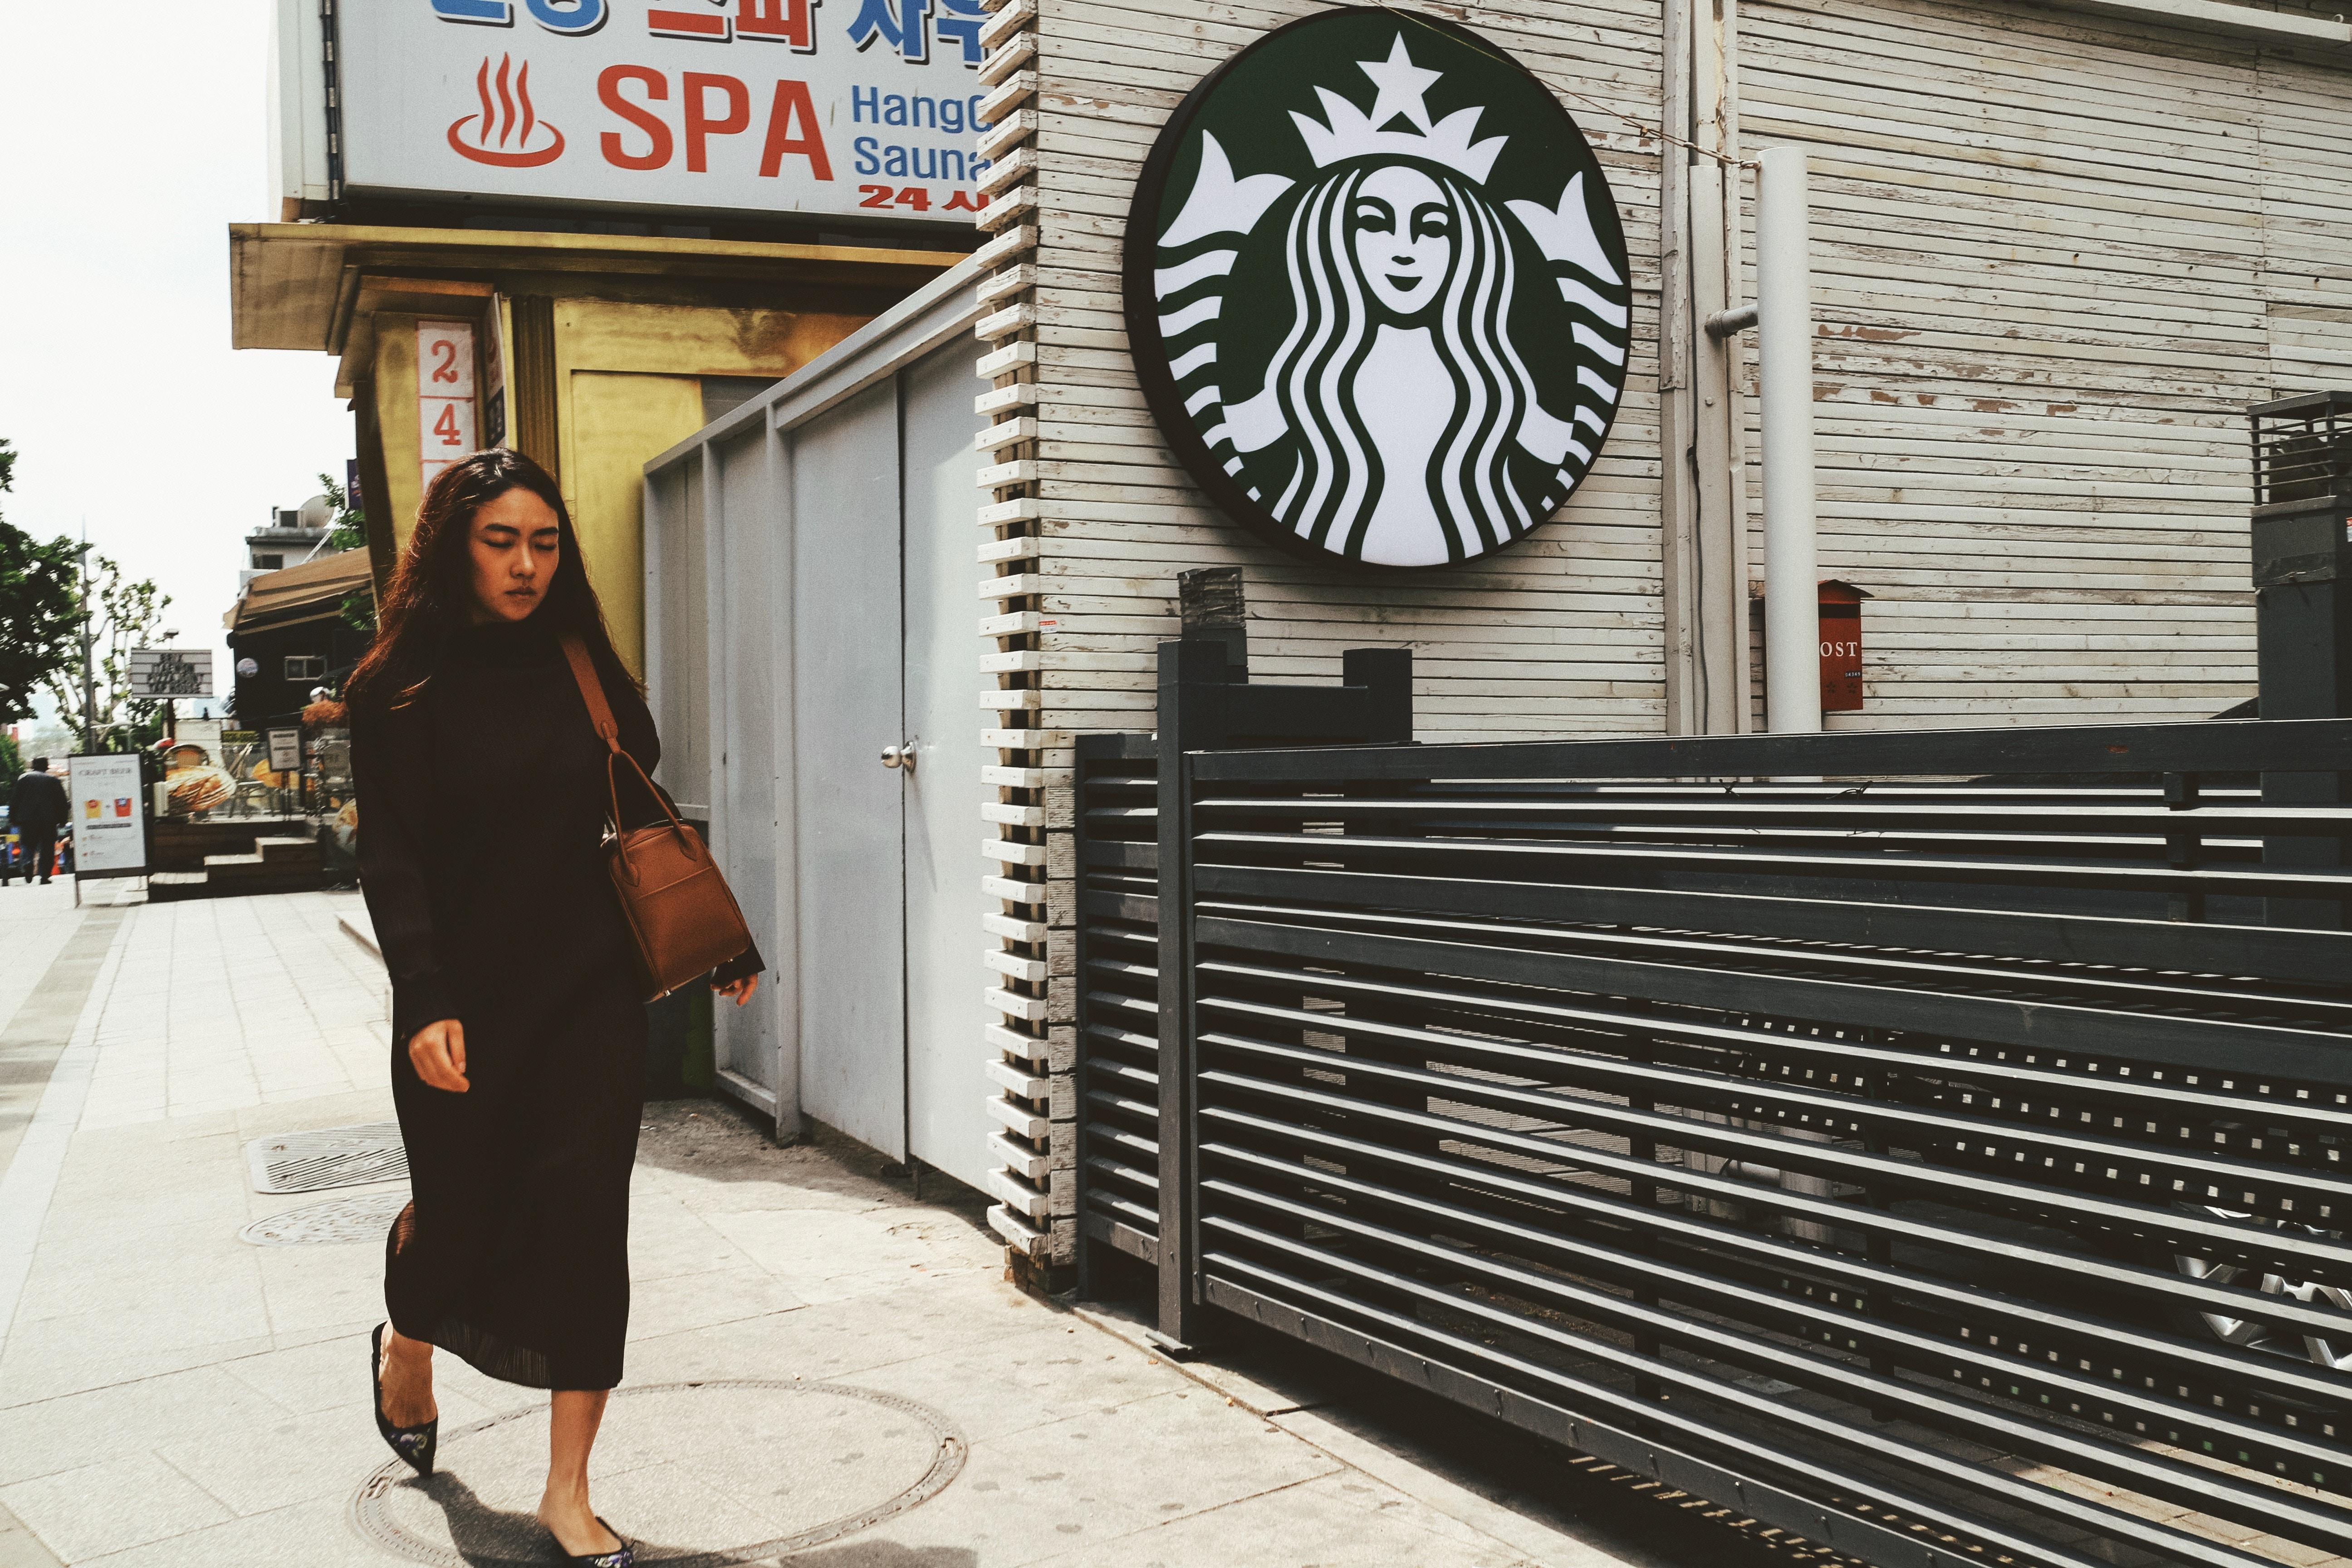 Dominanța Starbucks